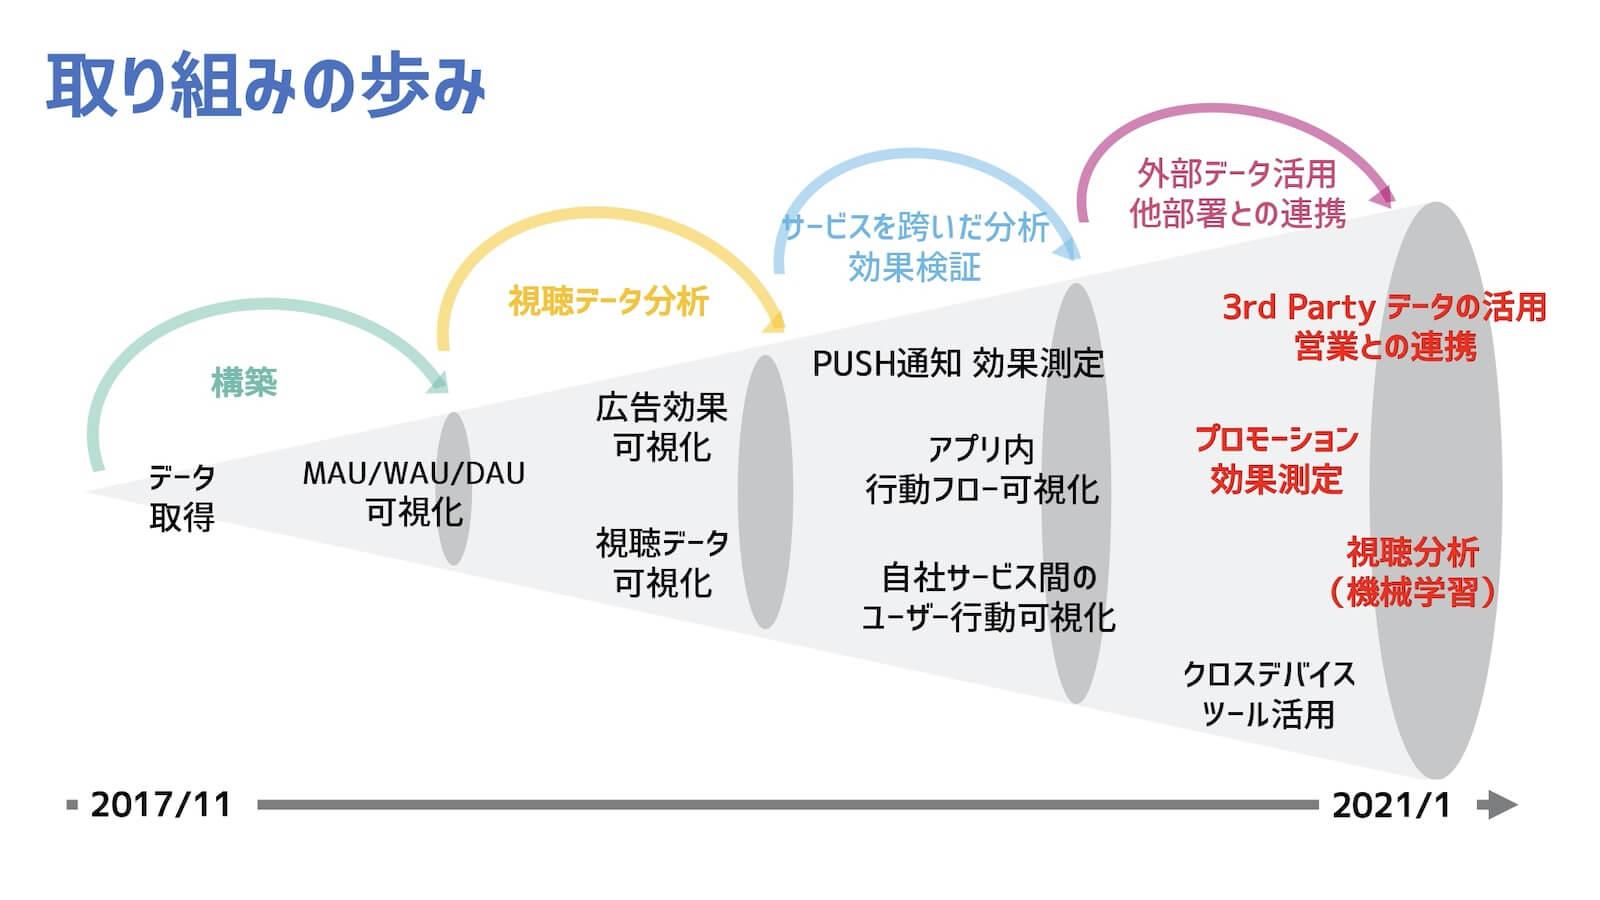 テレビ東京とLegolissの取り組みの歩み